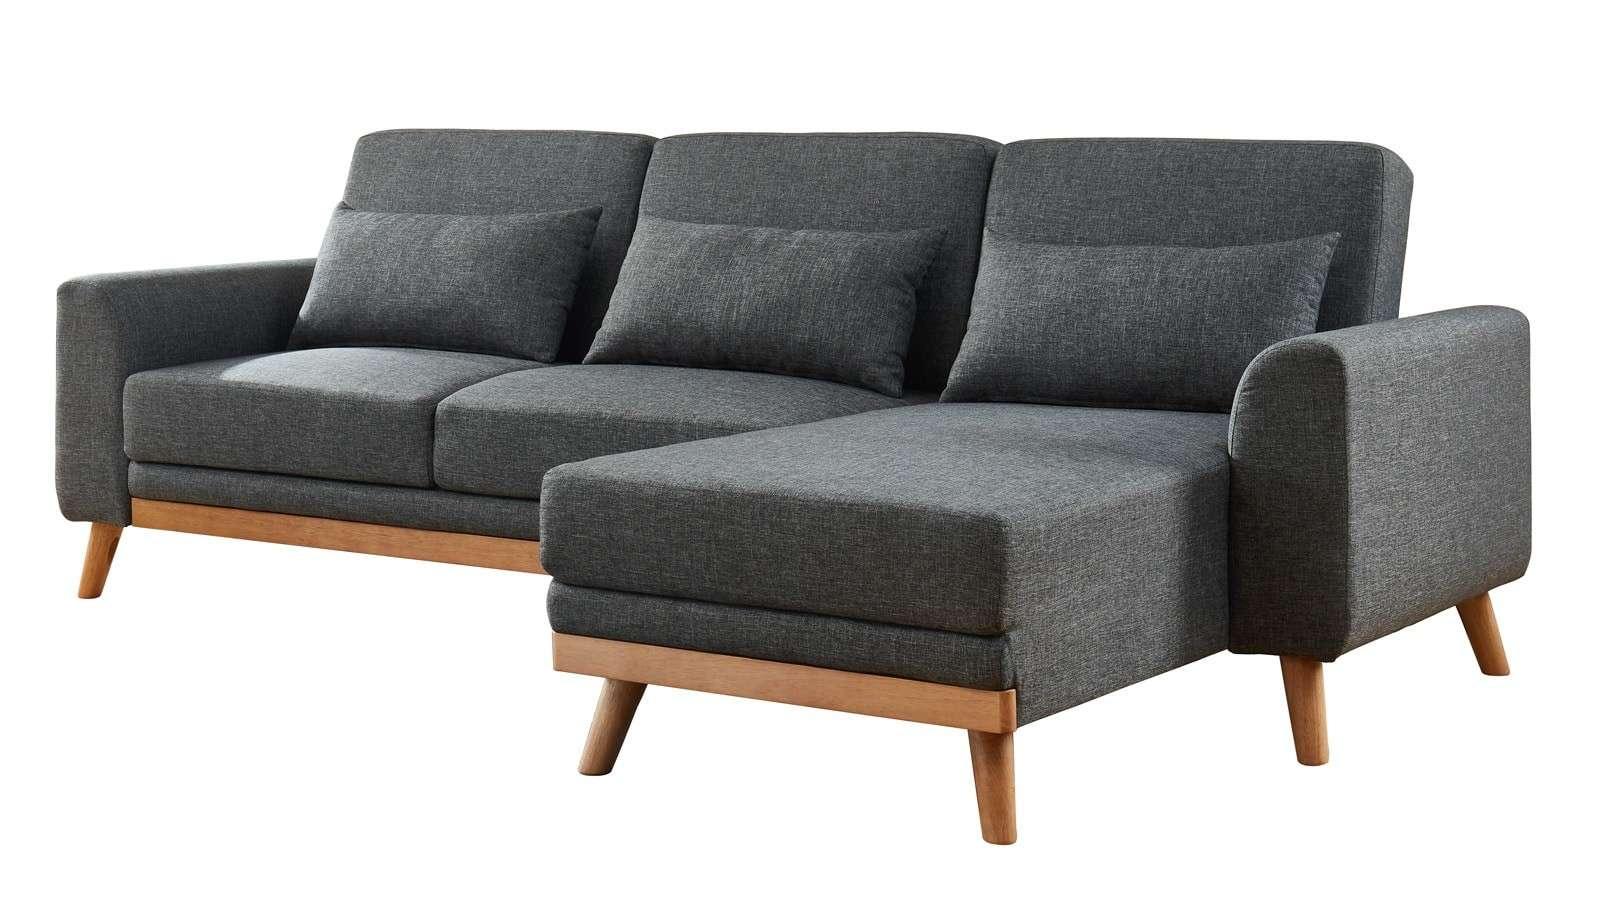 Canapé Dangle Scandinave Convertible En Tissu Gris Avec Couchage 110X210 Cm  - Collection Mathis pour Canapé Mathis 3 Places